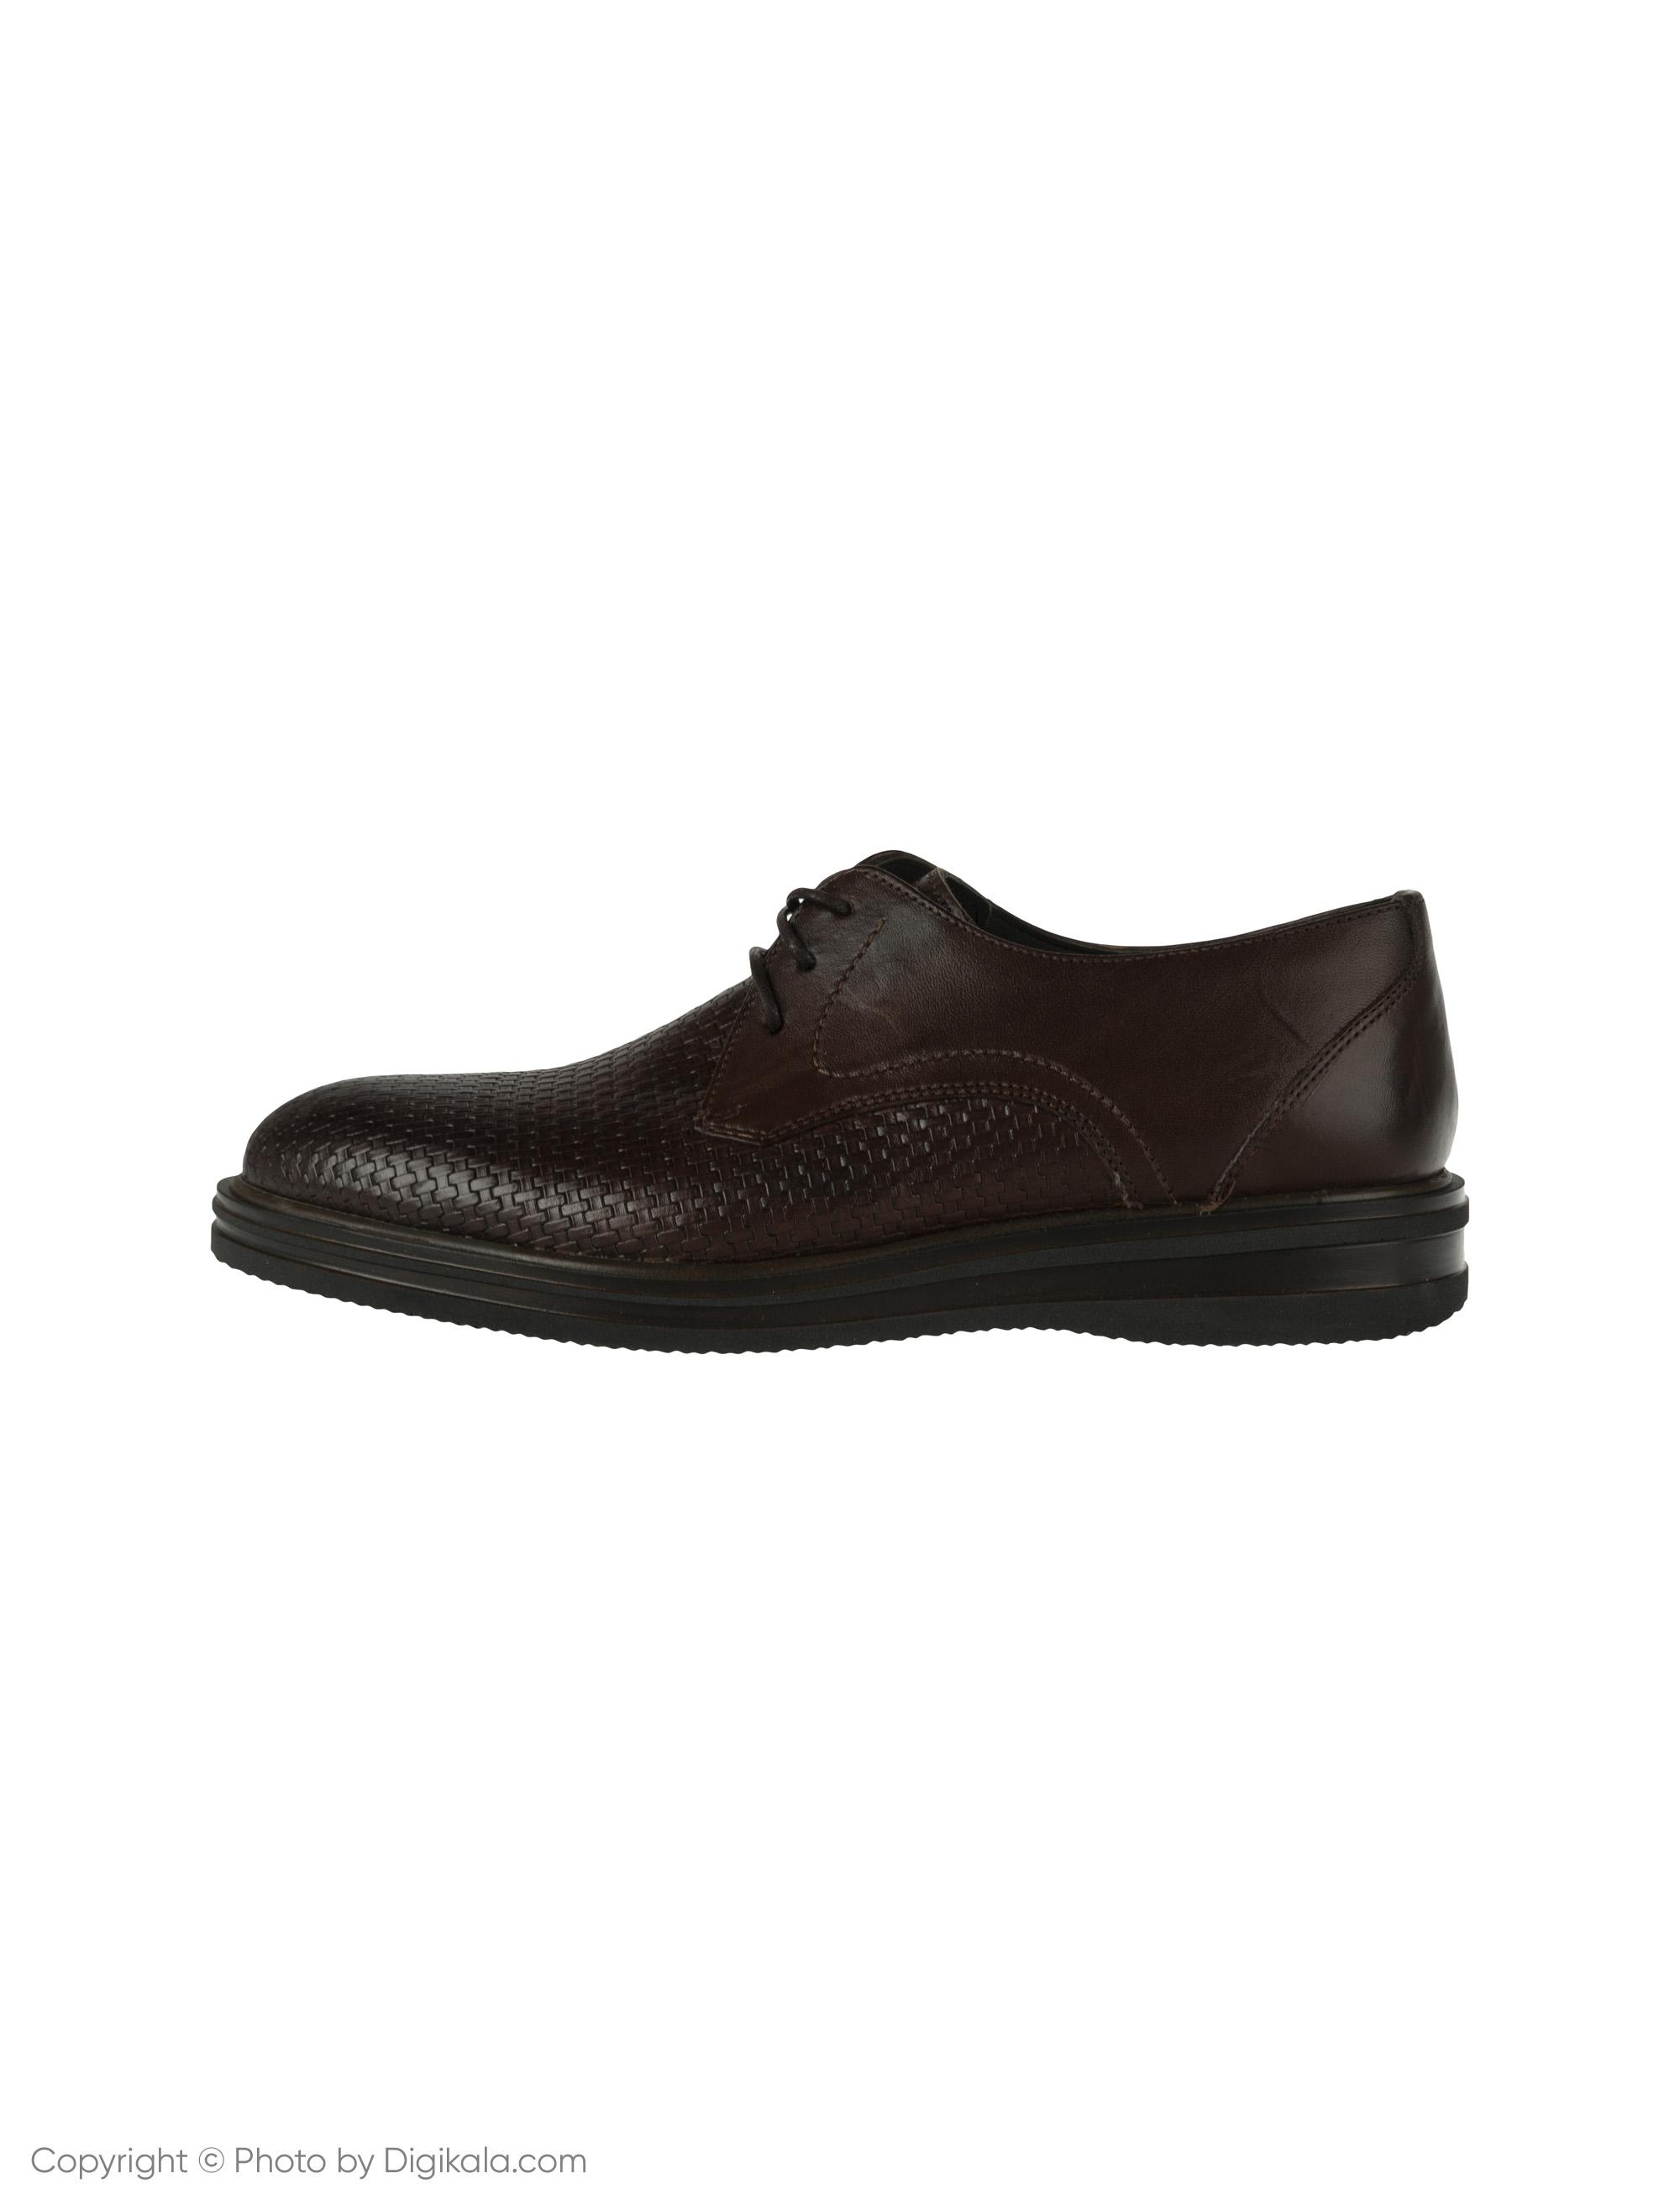 کفش مردانه ساتین مدل SN7170A-104 -  - 1